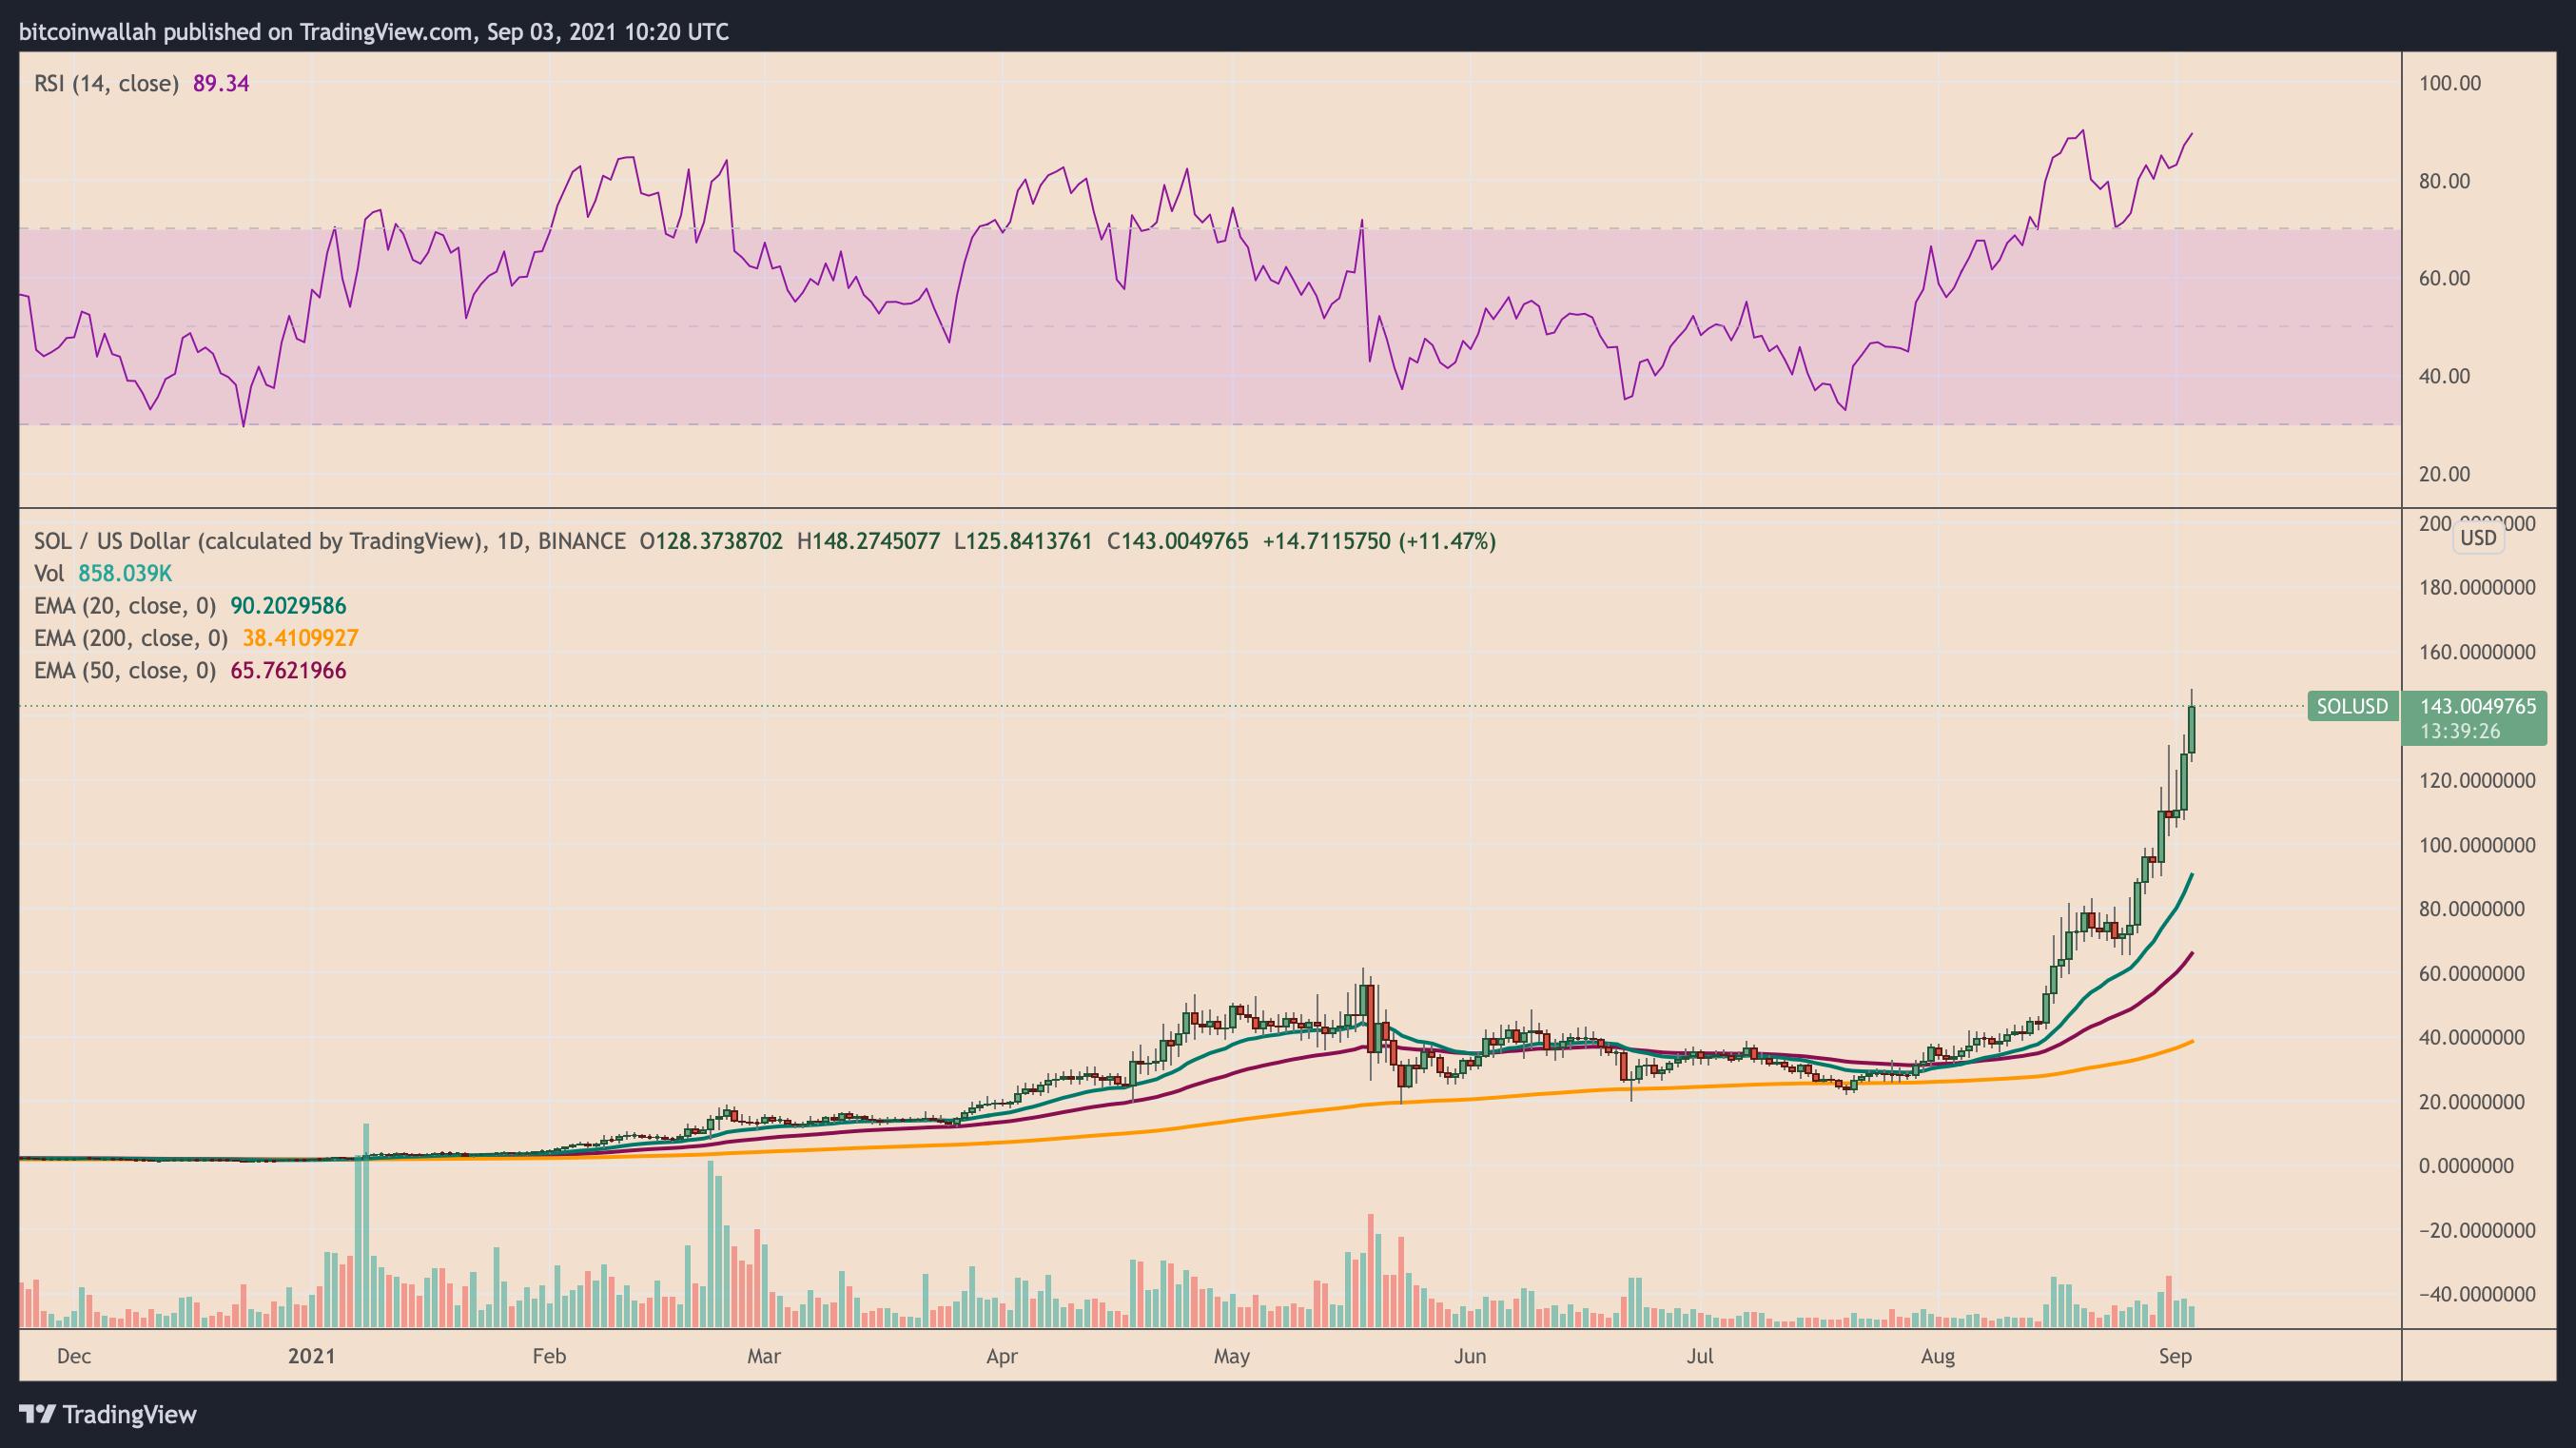 Grafico giornaliero di SOL/USD con RSI